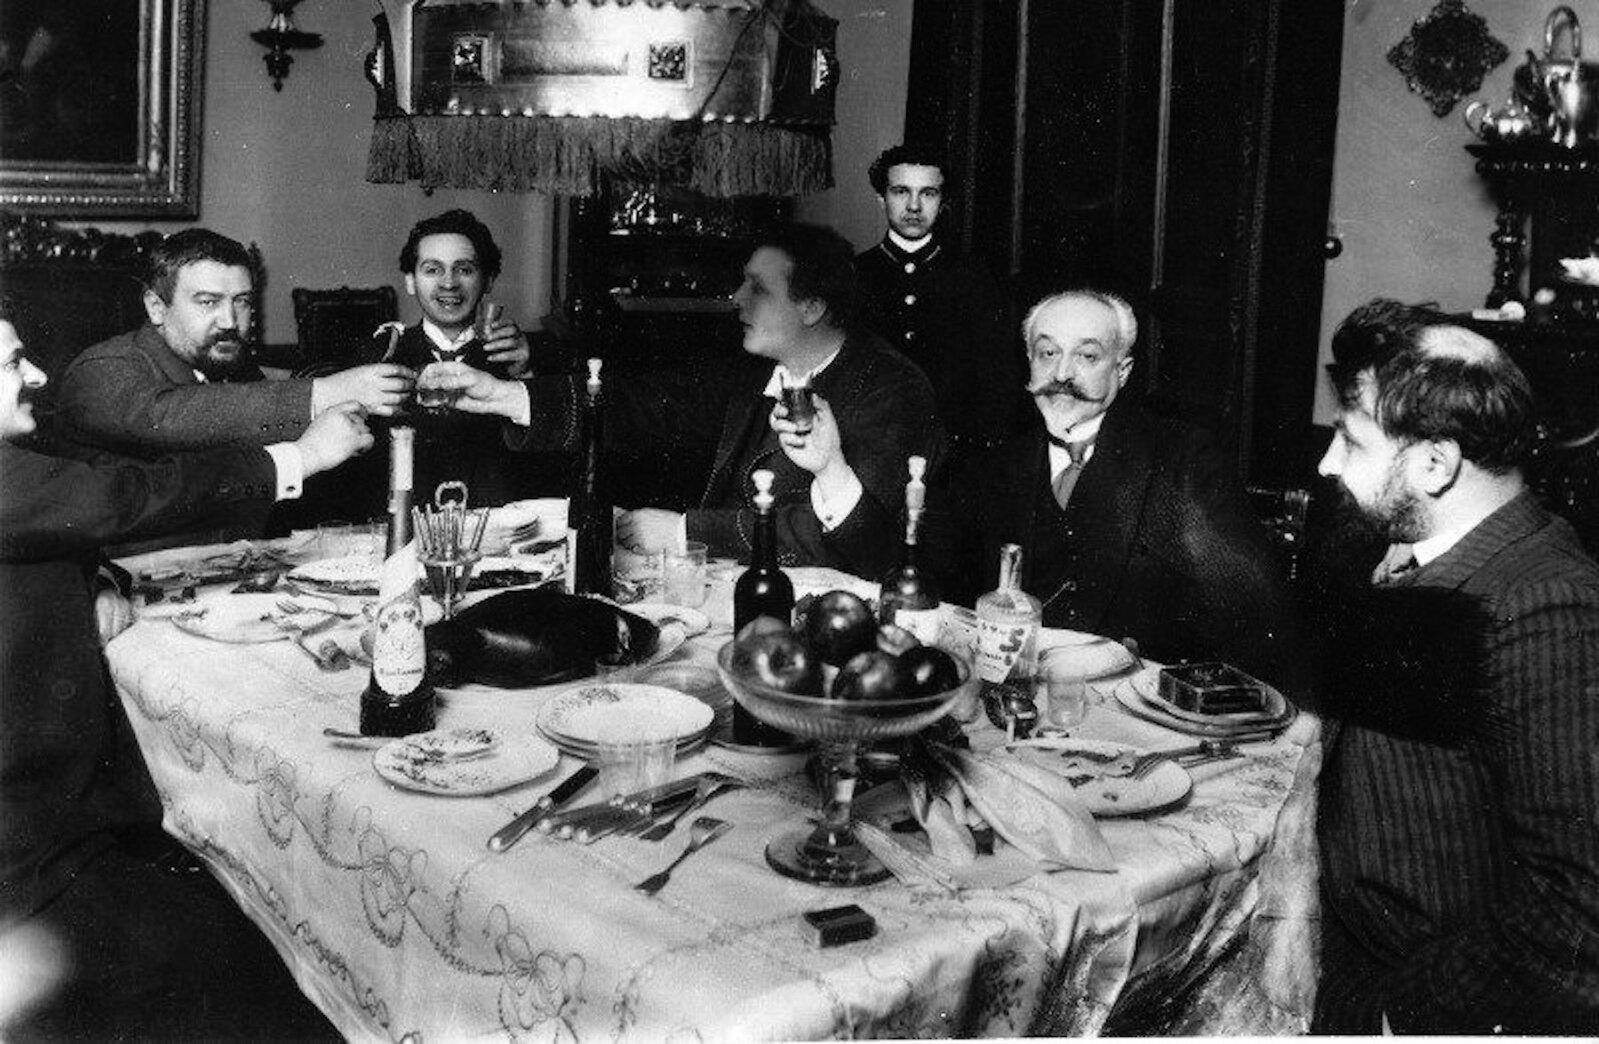 1915. Александр Куприн и Фёдор Шаляпин с друзьями за ужином